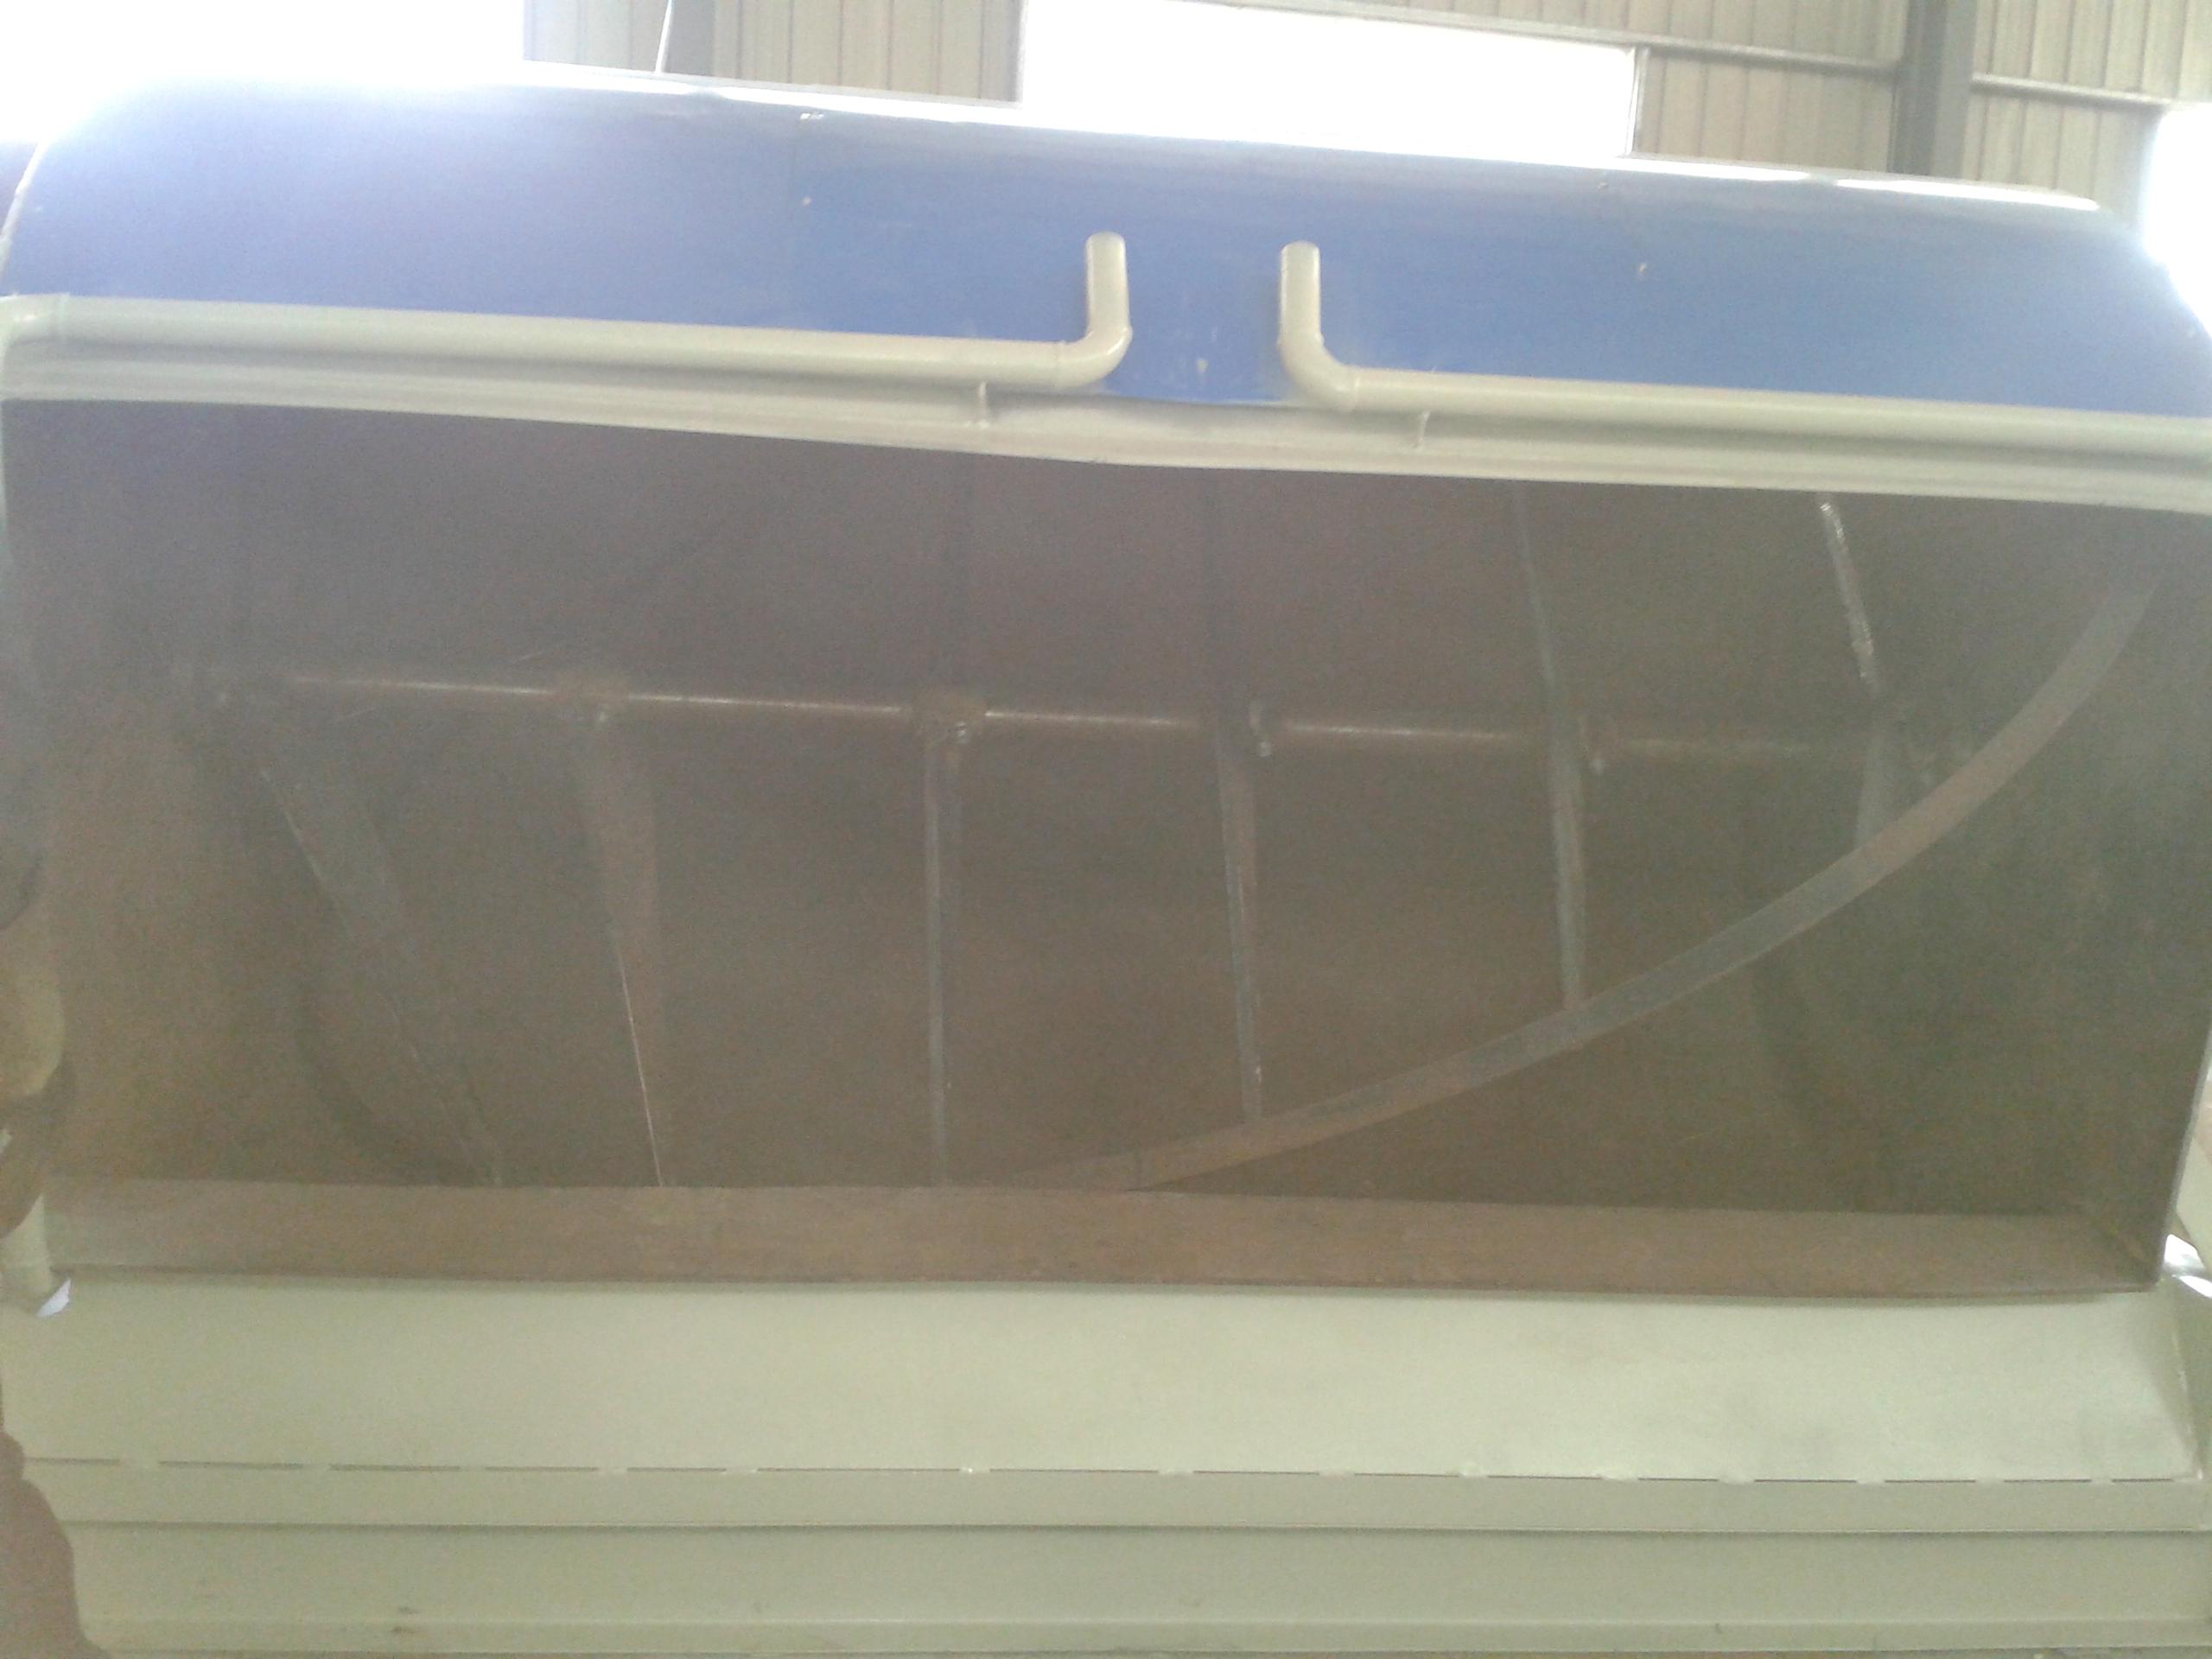 干燥机 刮板 供应/l 结合其他设备可实现热量循环利用,大大节省能源消耗。